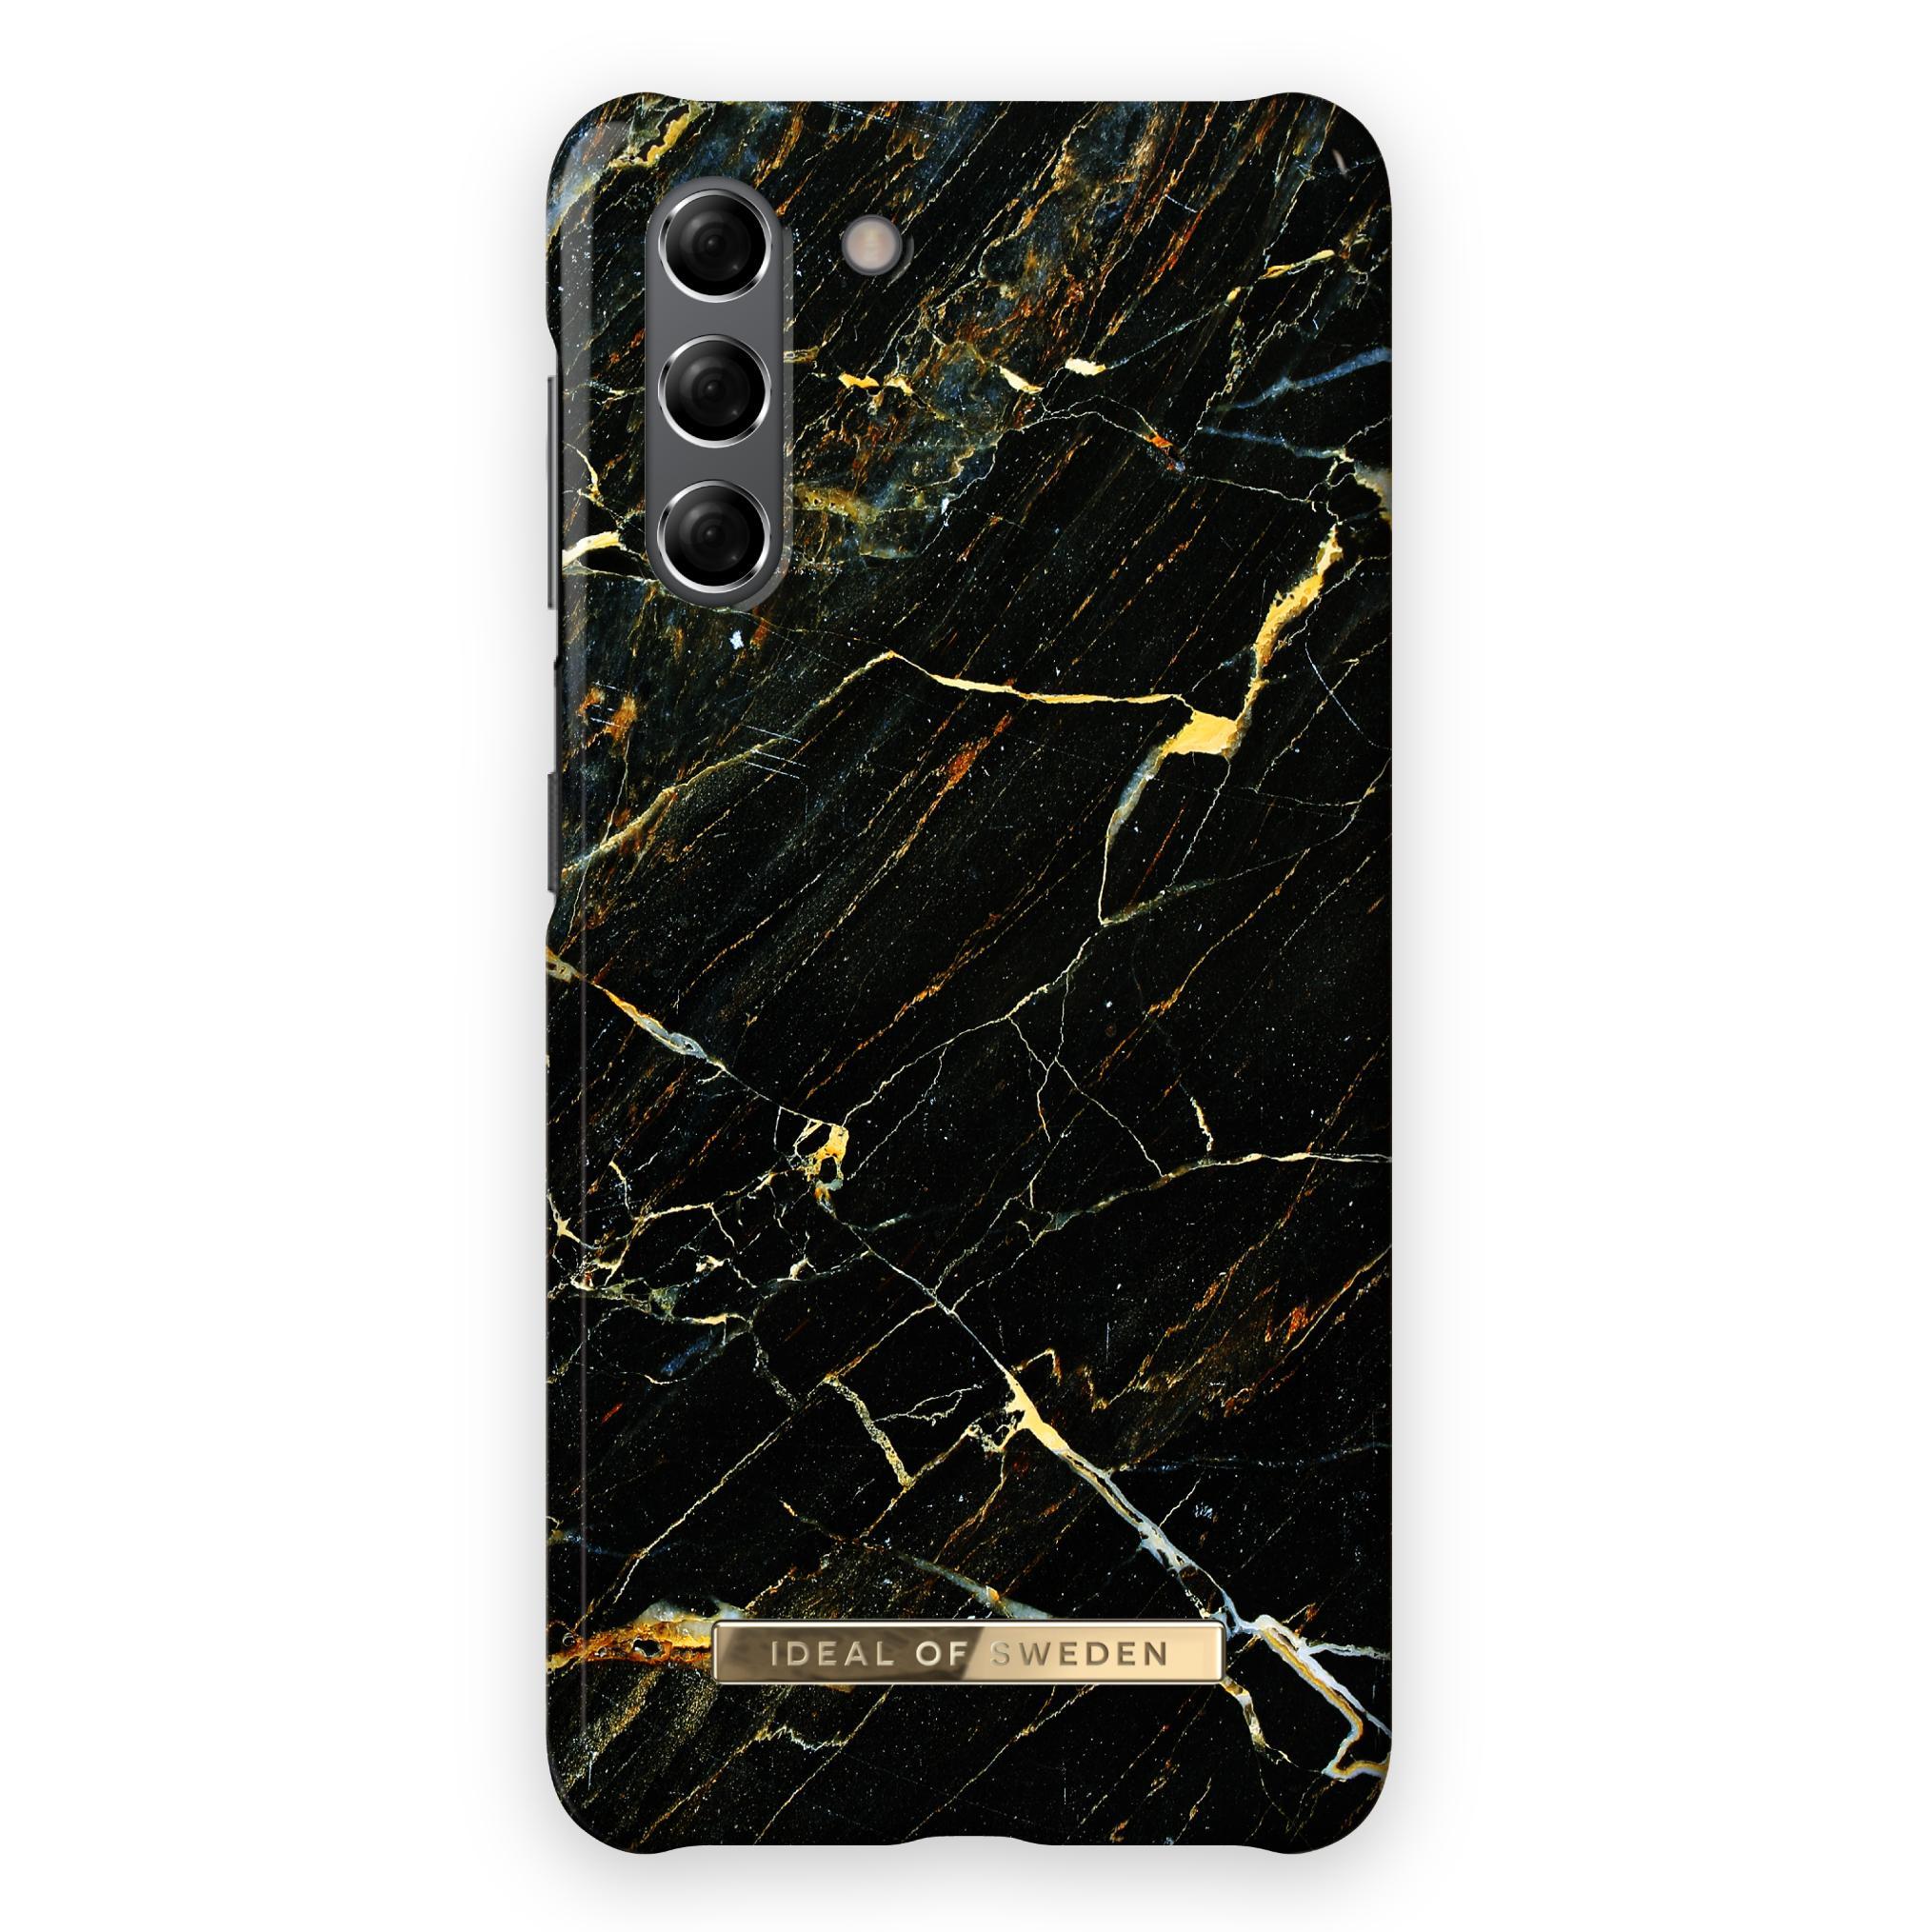 Fashion Case Galaxy S21 Plus Port Laurent Marble